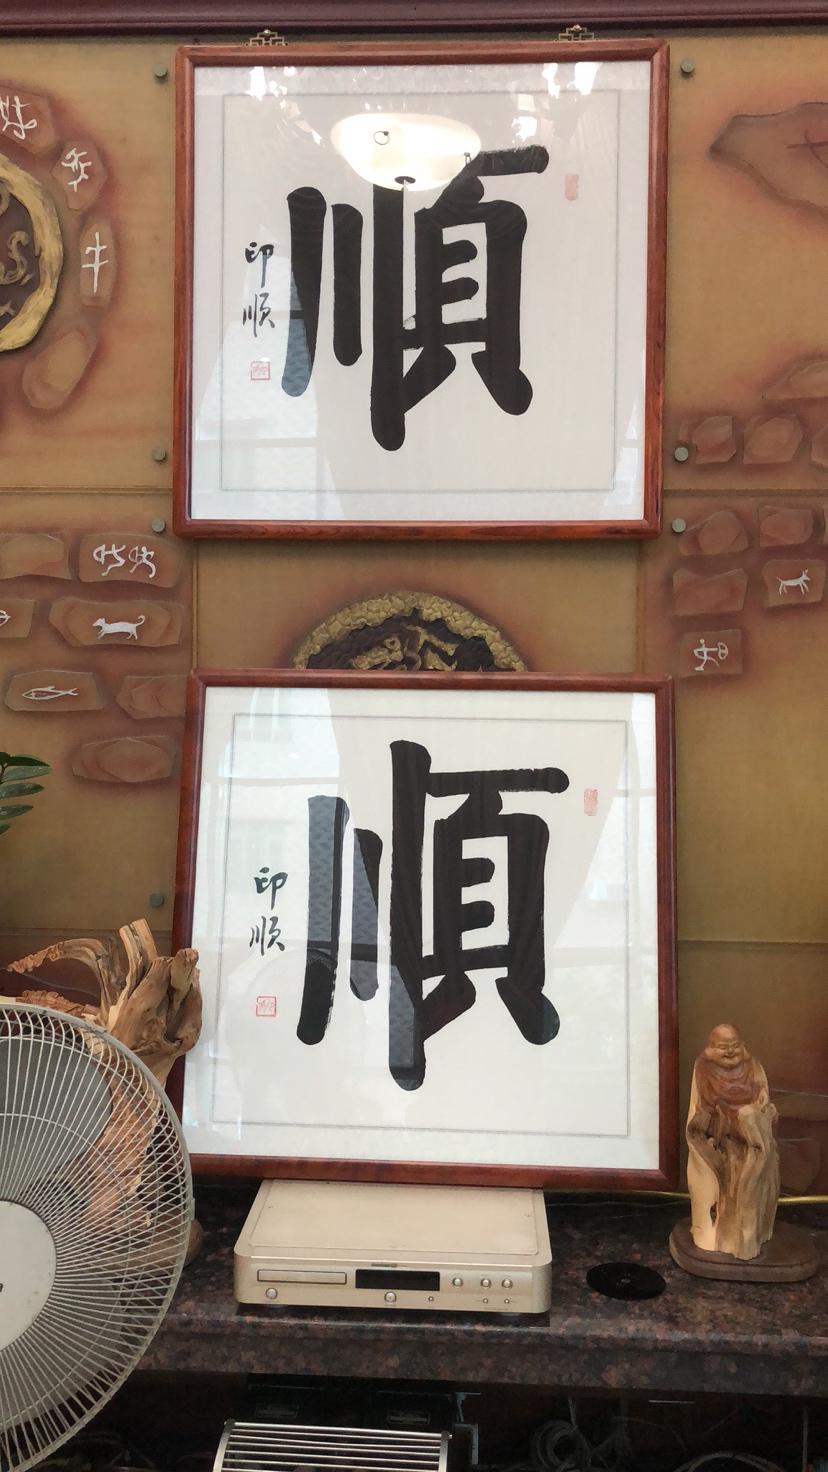 在线等答案虎鱼 北京观赏鱼 北京龙鱼第5张